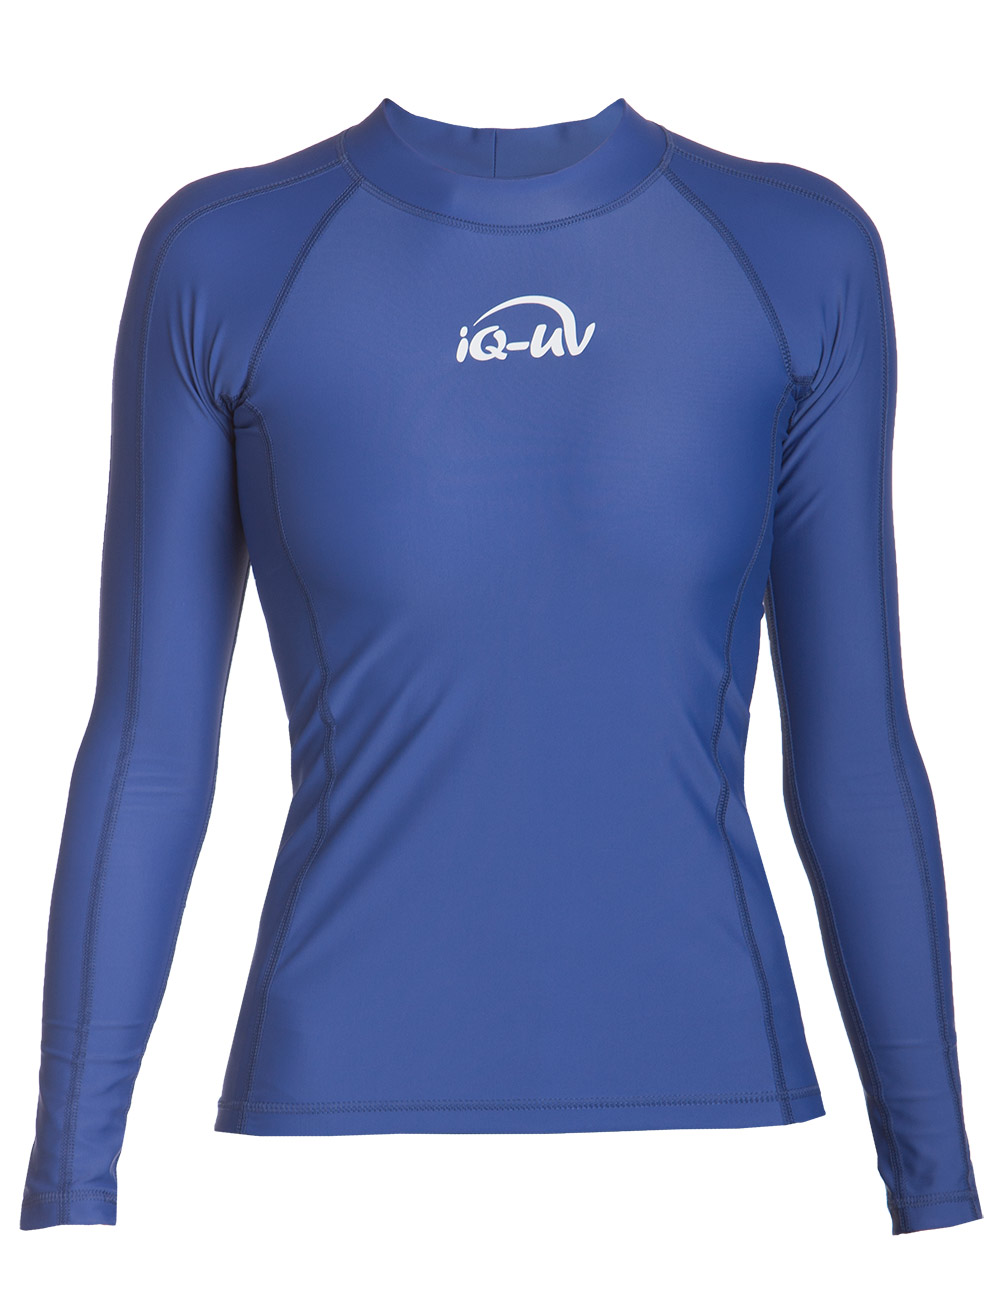 Damen Iq Shirt Schutz Preview Uv Langarm FIznxddwq